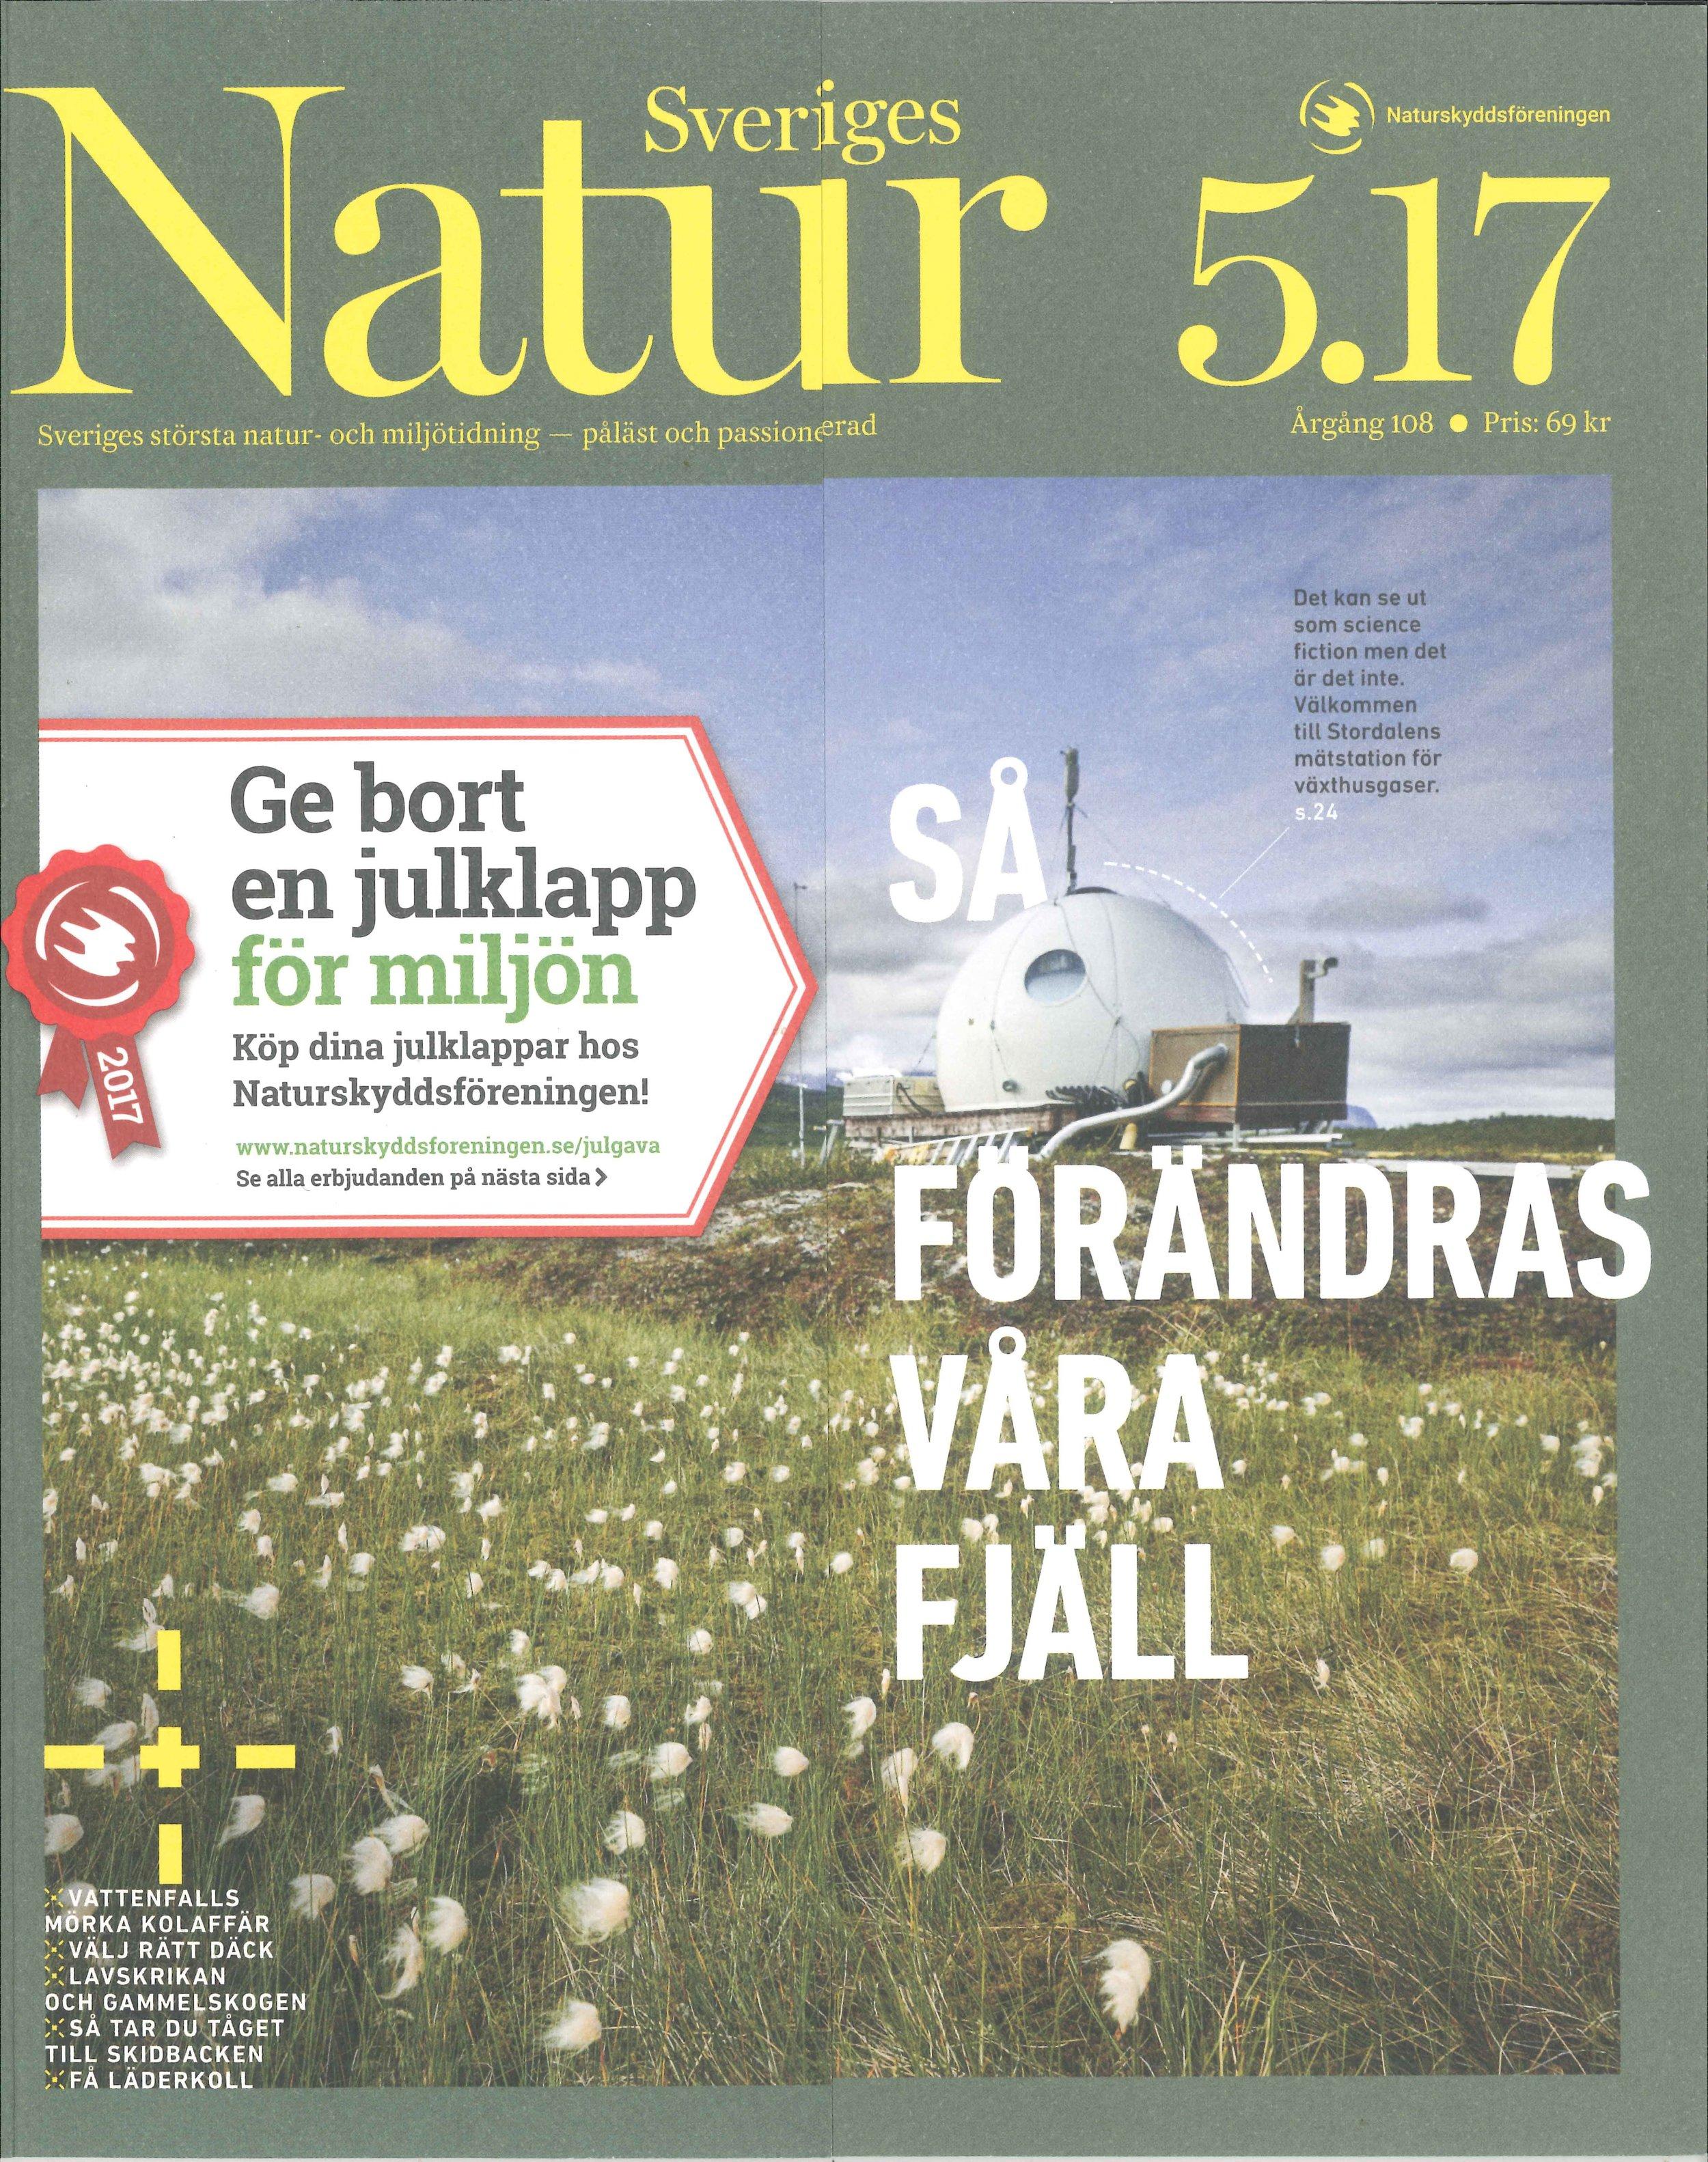 2017 Natur_01.jpg